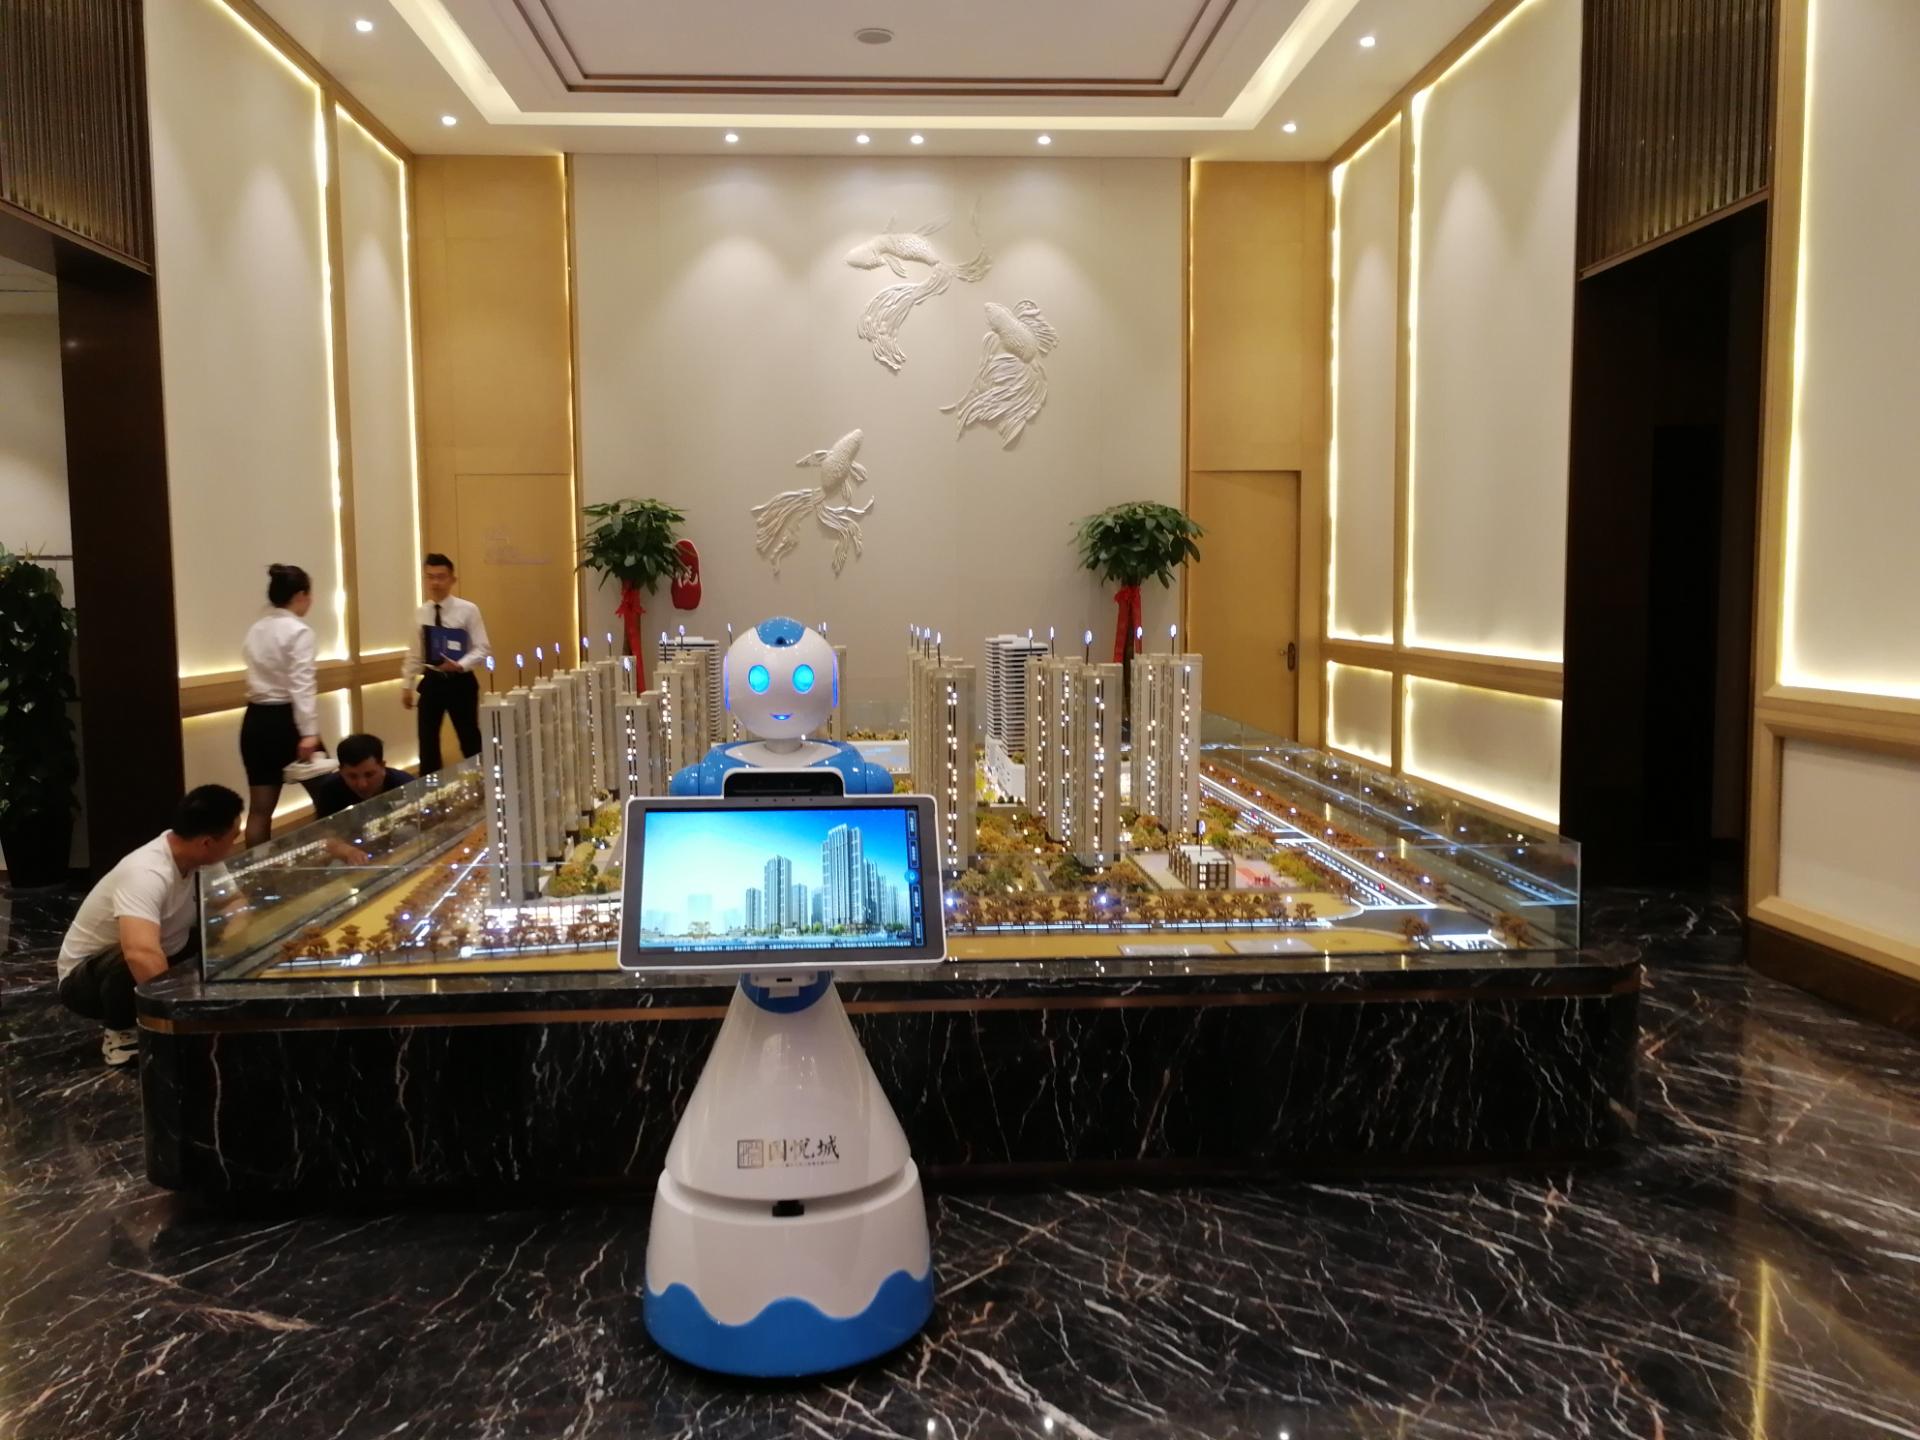 智能机器人楼盘销售机器人频道里,沙盘讲解机器人娃娃正,售楼中心机器人真丑陋,物业机器人